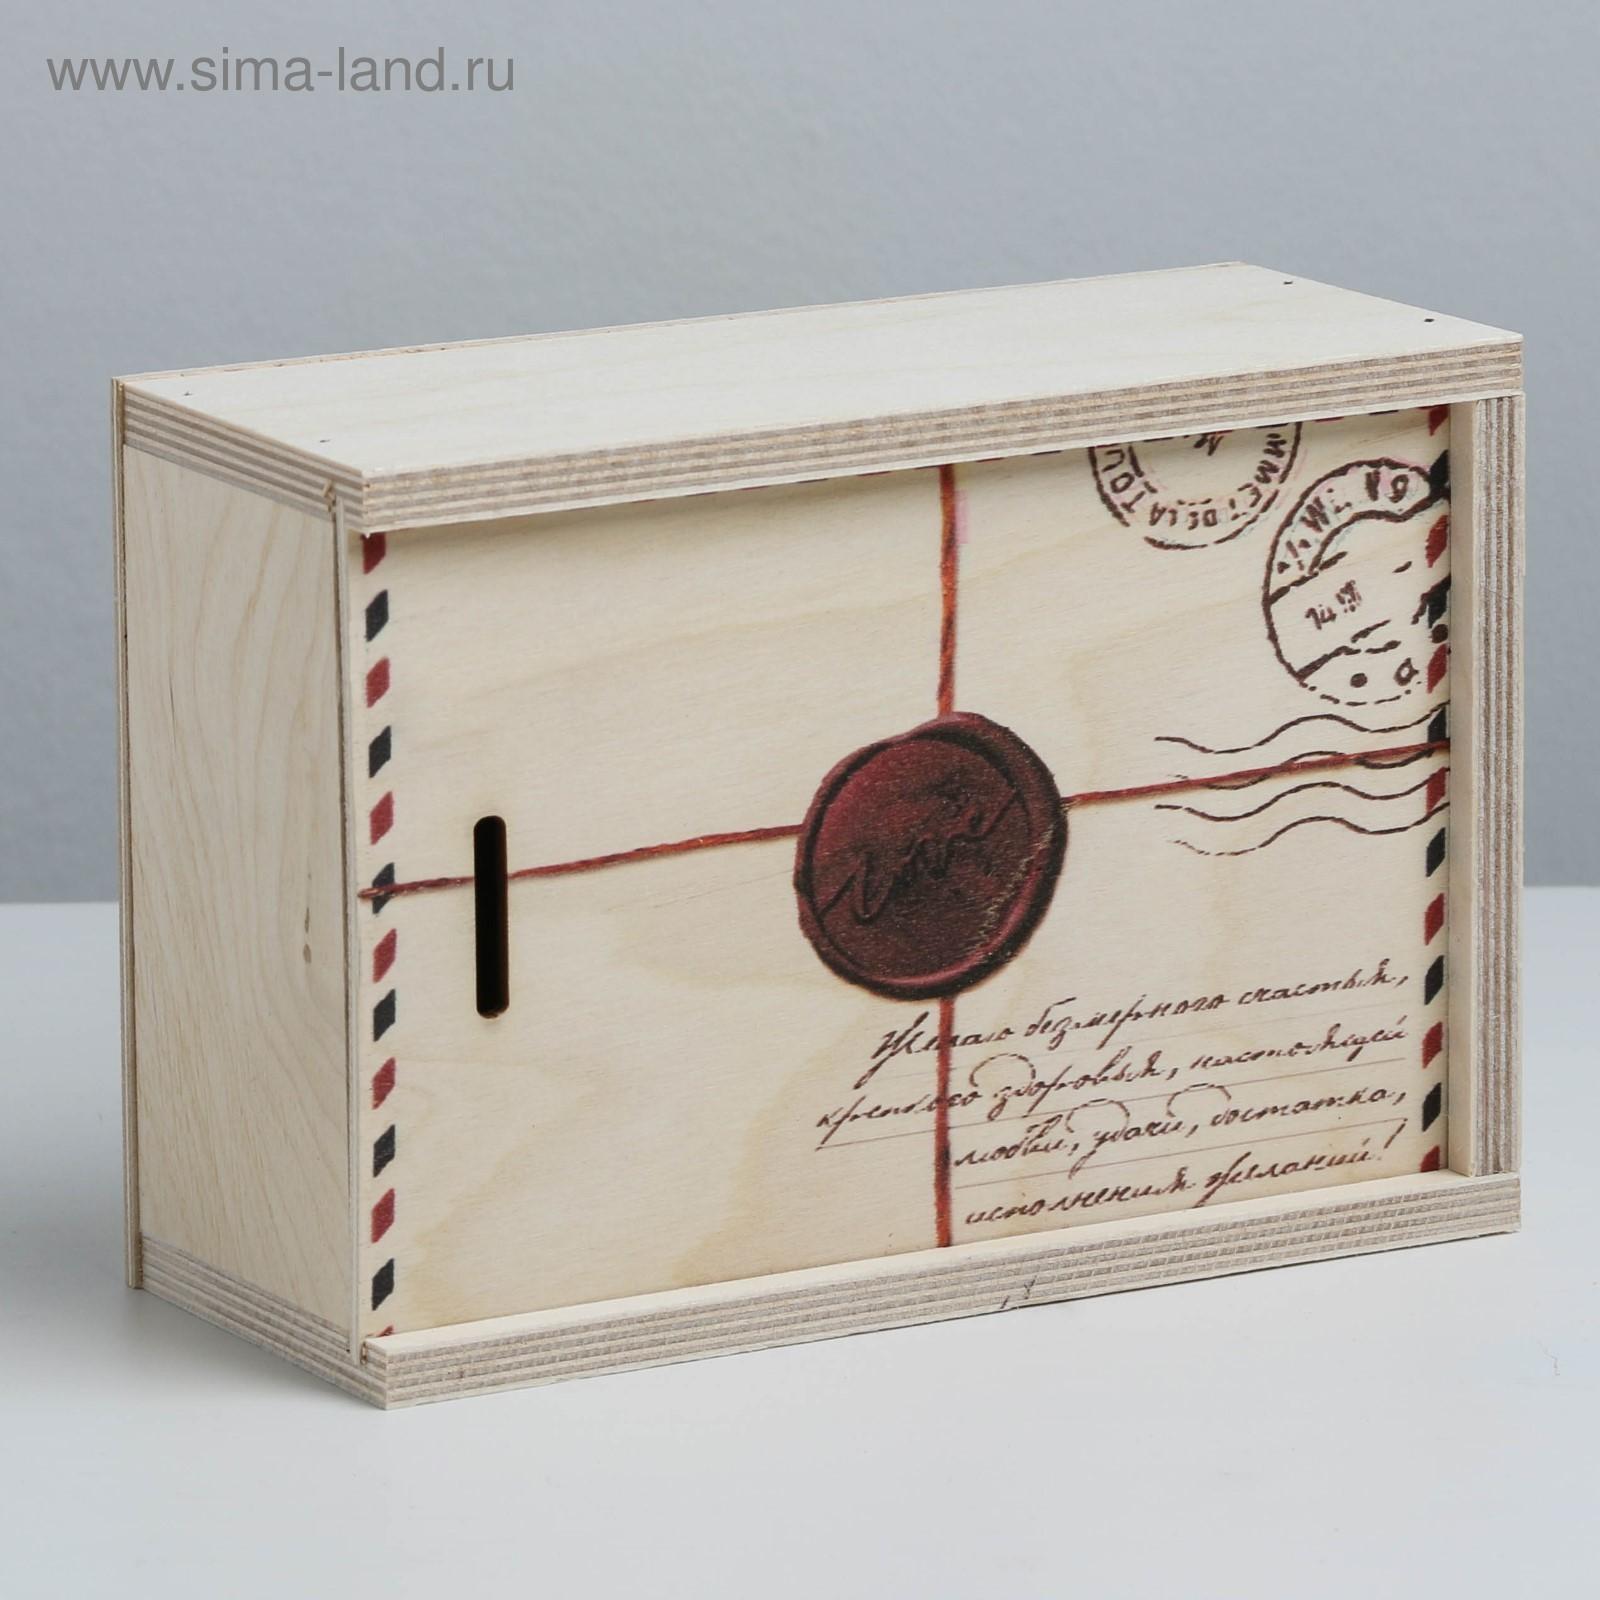 4a293bd1099ca Ящик подарочный деревянный «Почта», 20 × 14 × 8 см (3958352 ...